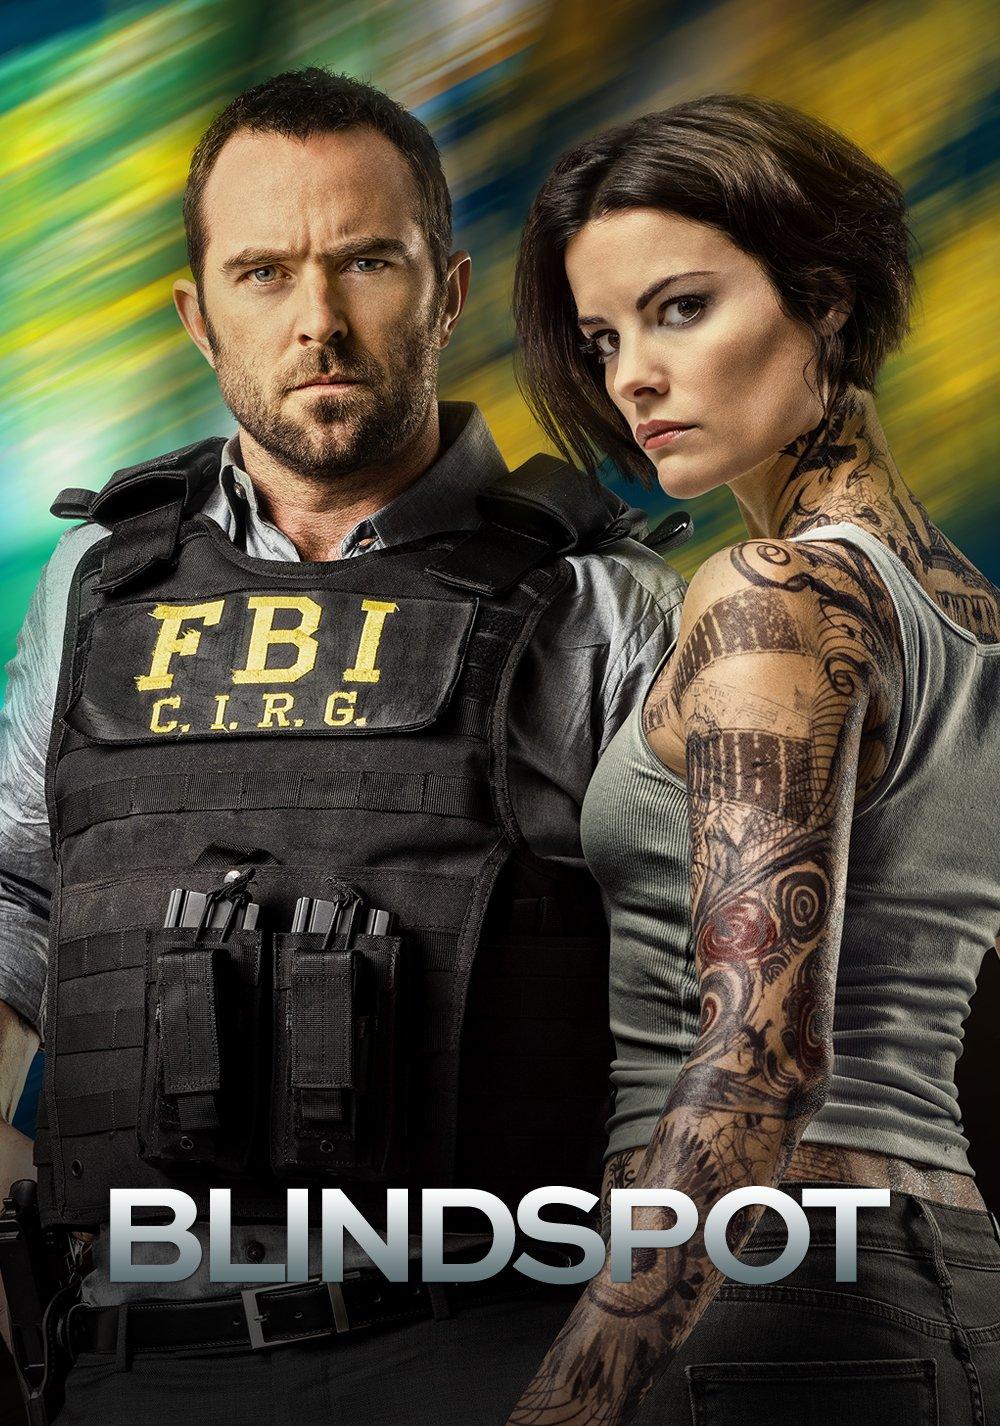 ბრმა ლაქა სეზონი 1 / Blindspot Season 1